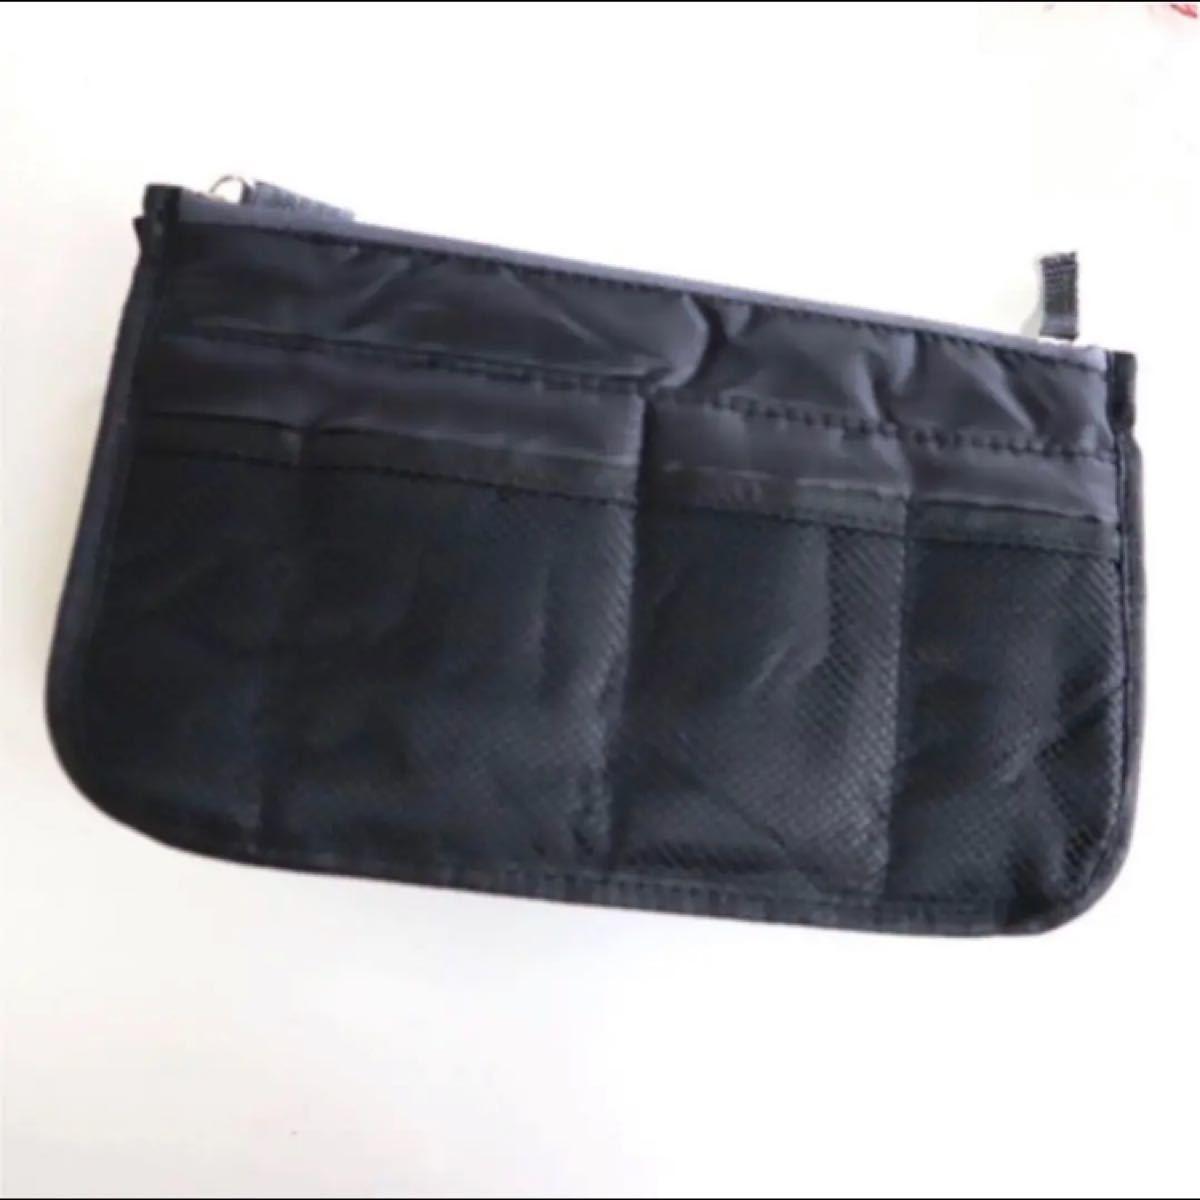 バッグインバッグ インナーバッグ 収納バッグ メイクバッグ 大容量 多機能 軽量